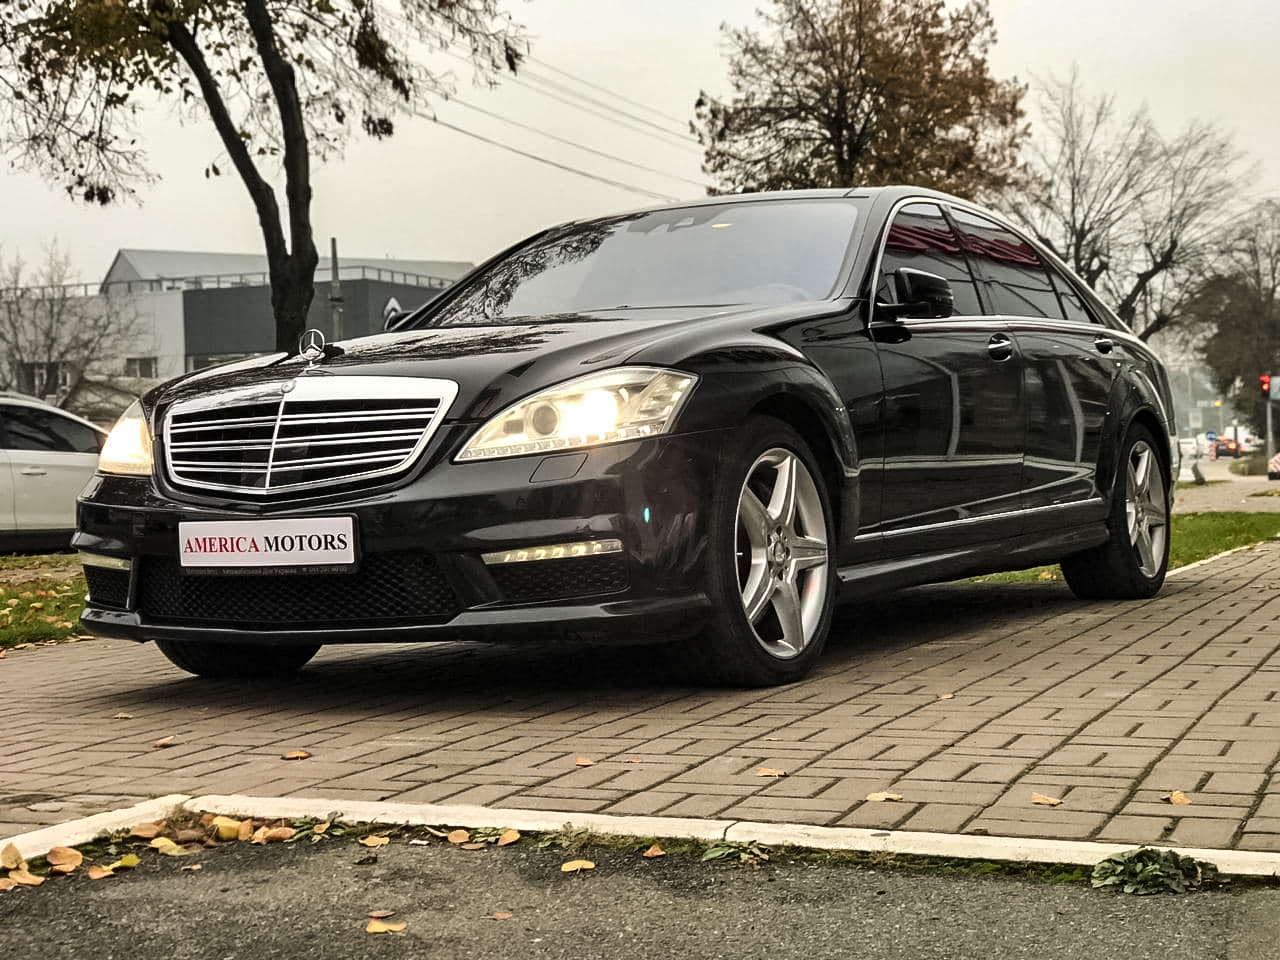 2010 Mercedes-Benz S600L AMG | Vin: WDD2211761A364628